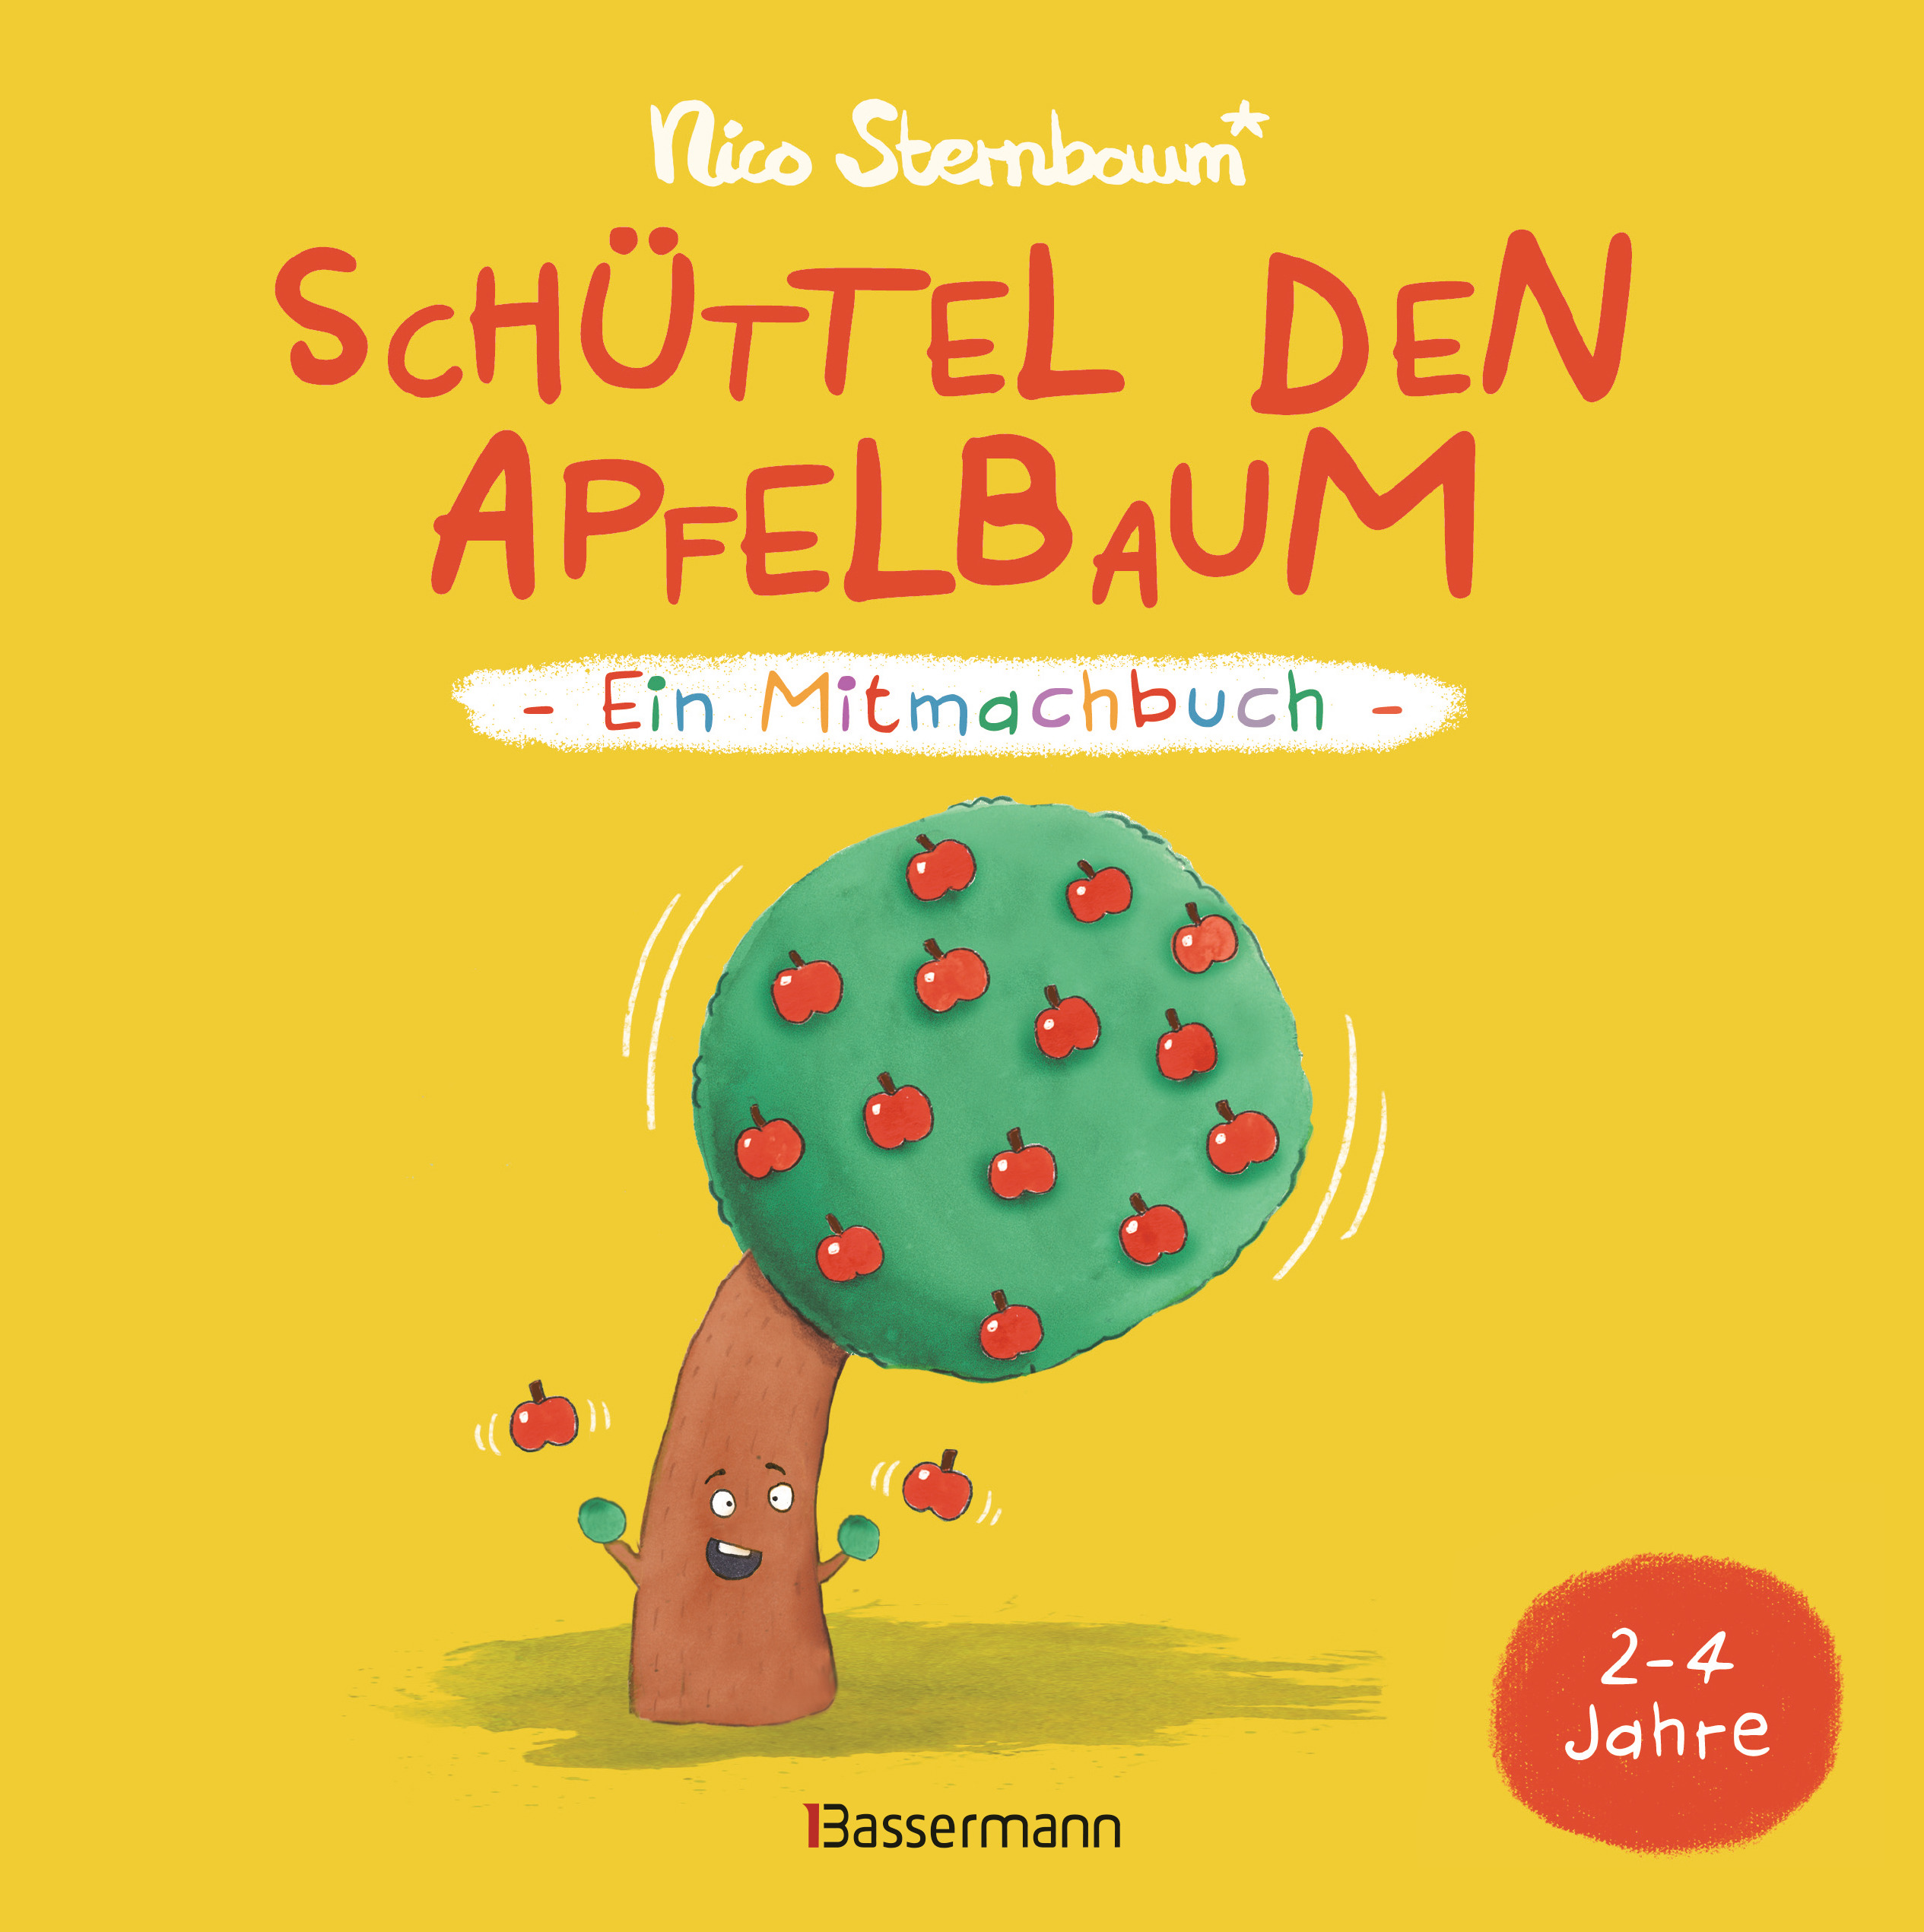 Cover: Schüttel den Apfelbaum von Nico Sternbaum